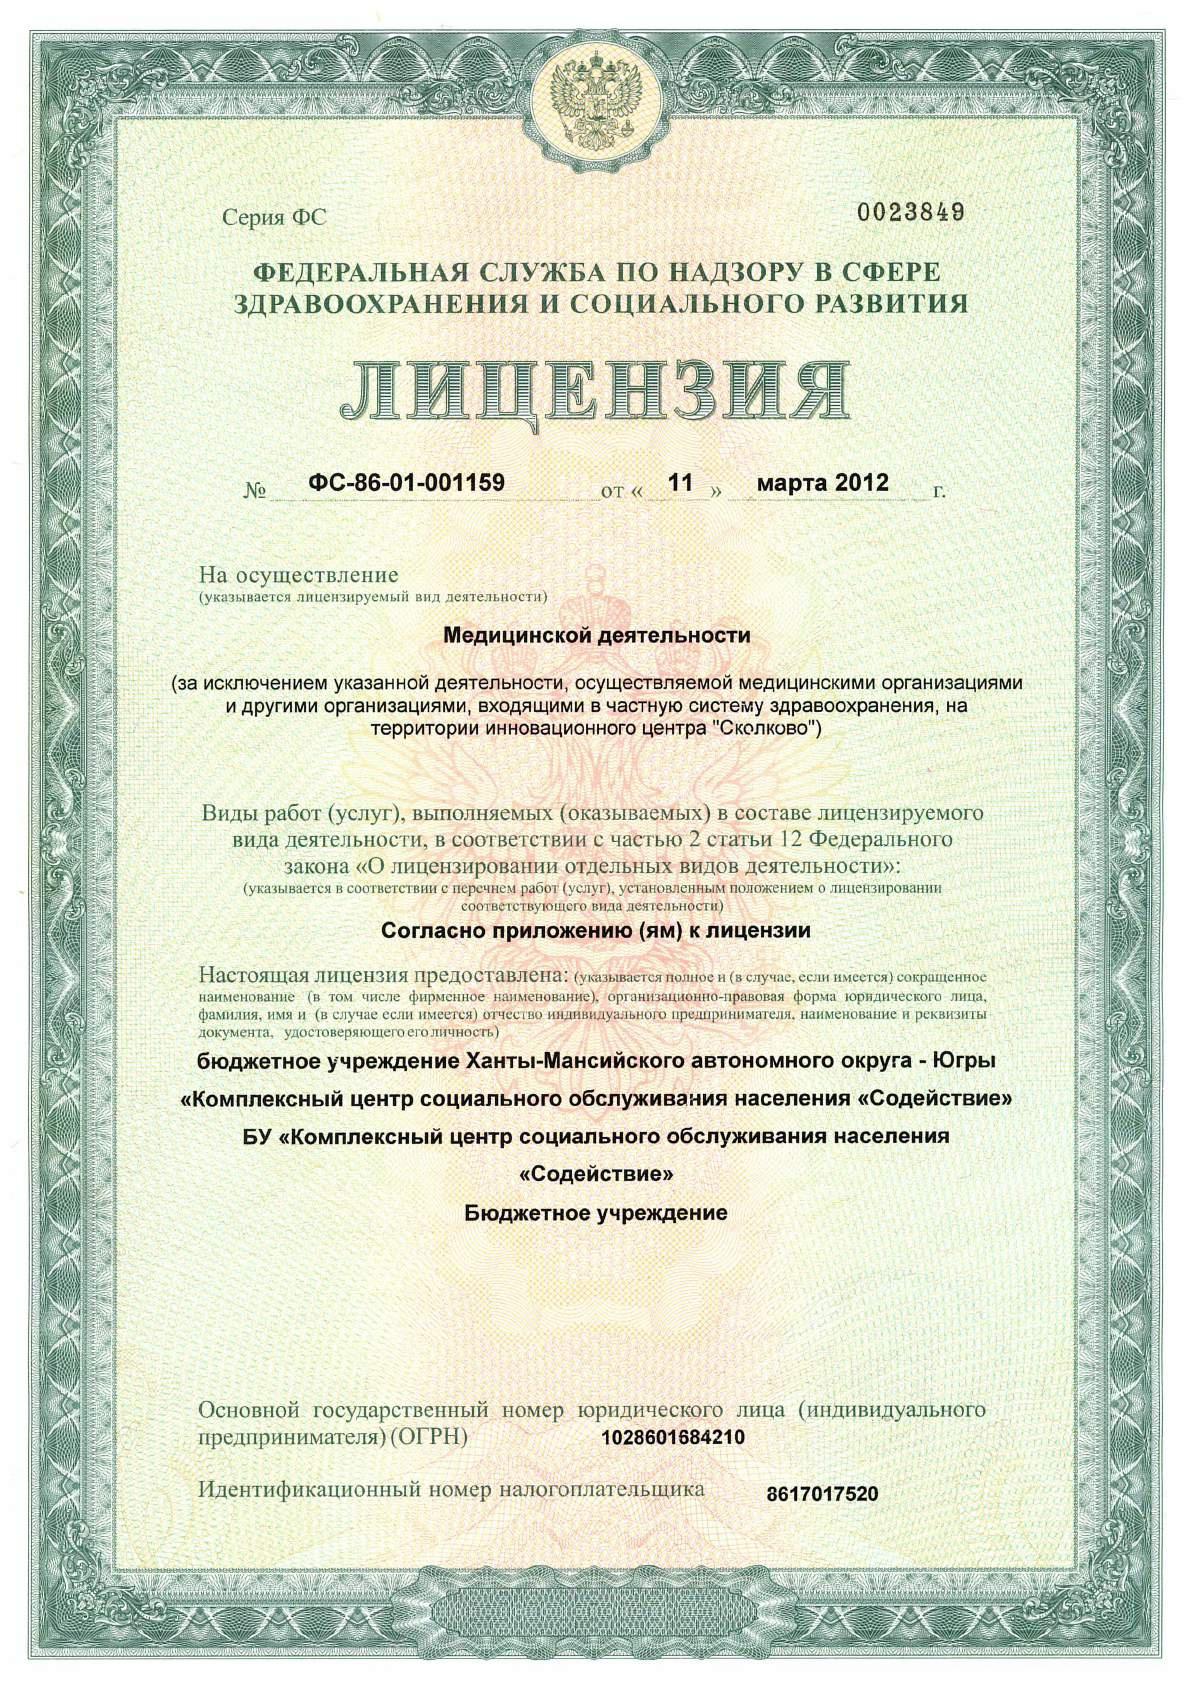 Лицензия на осуществление медицинской деятельности от 11.03.2012 (страница 1)